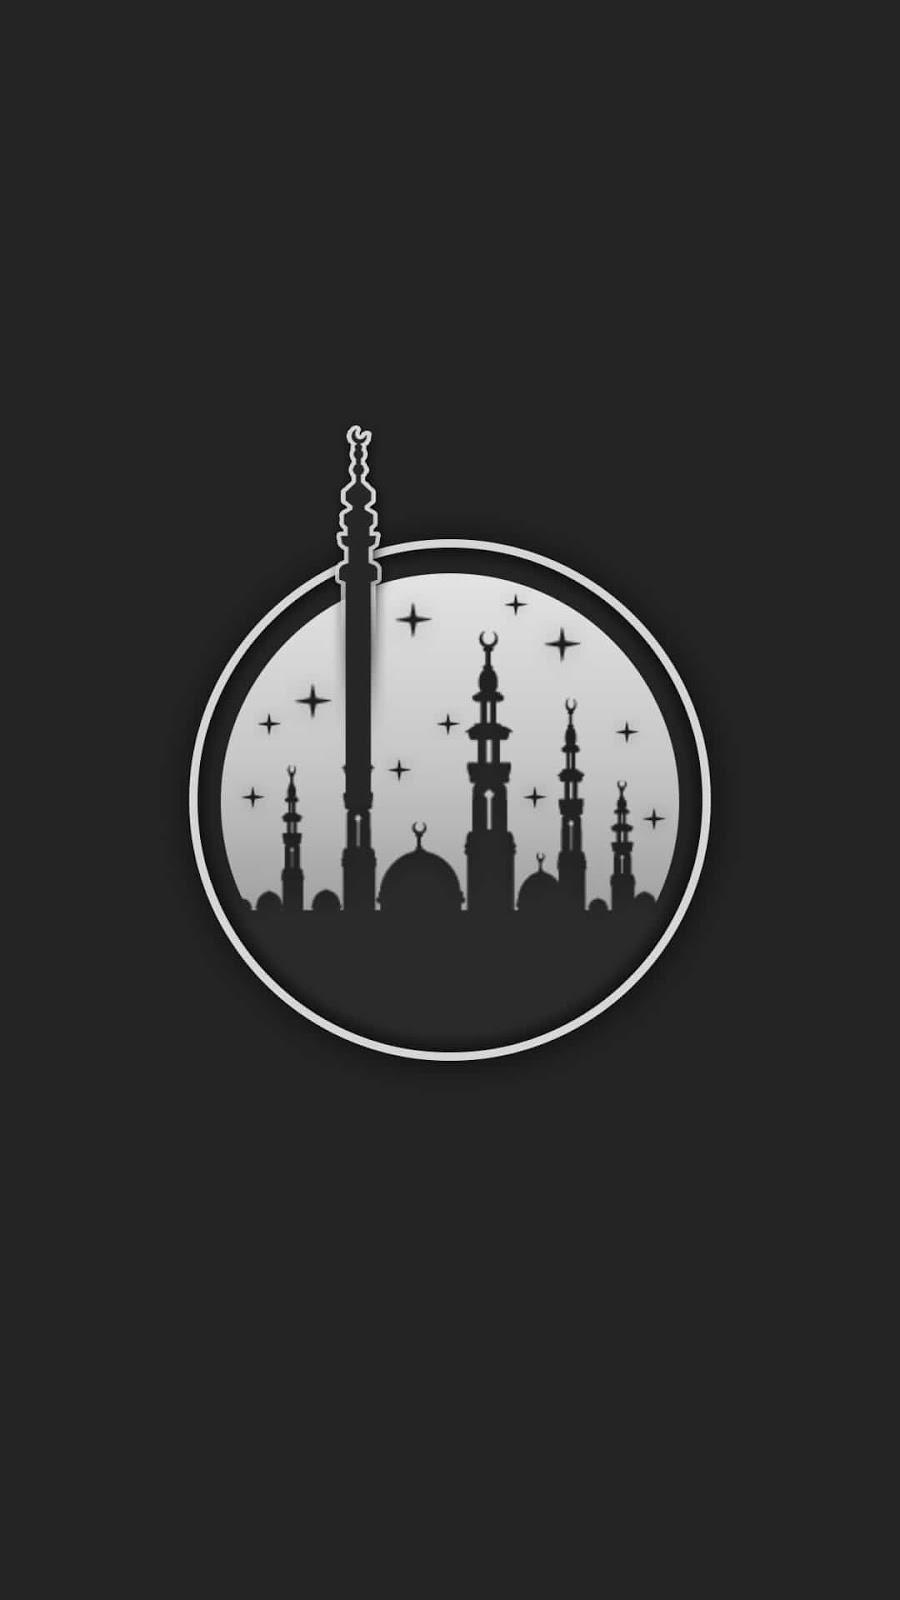 صور خلفيات اسلامية رائعة للهواتف الذكية 2020